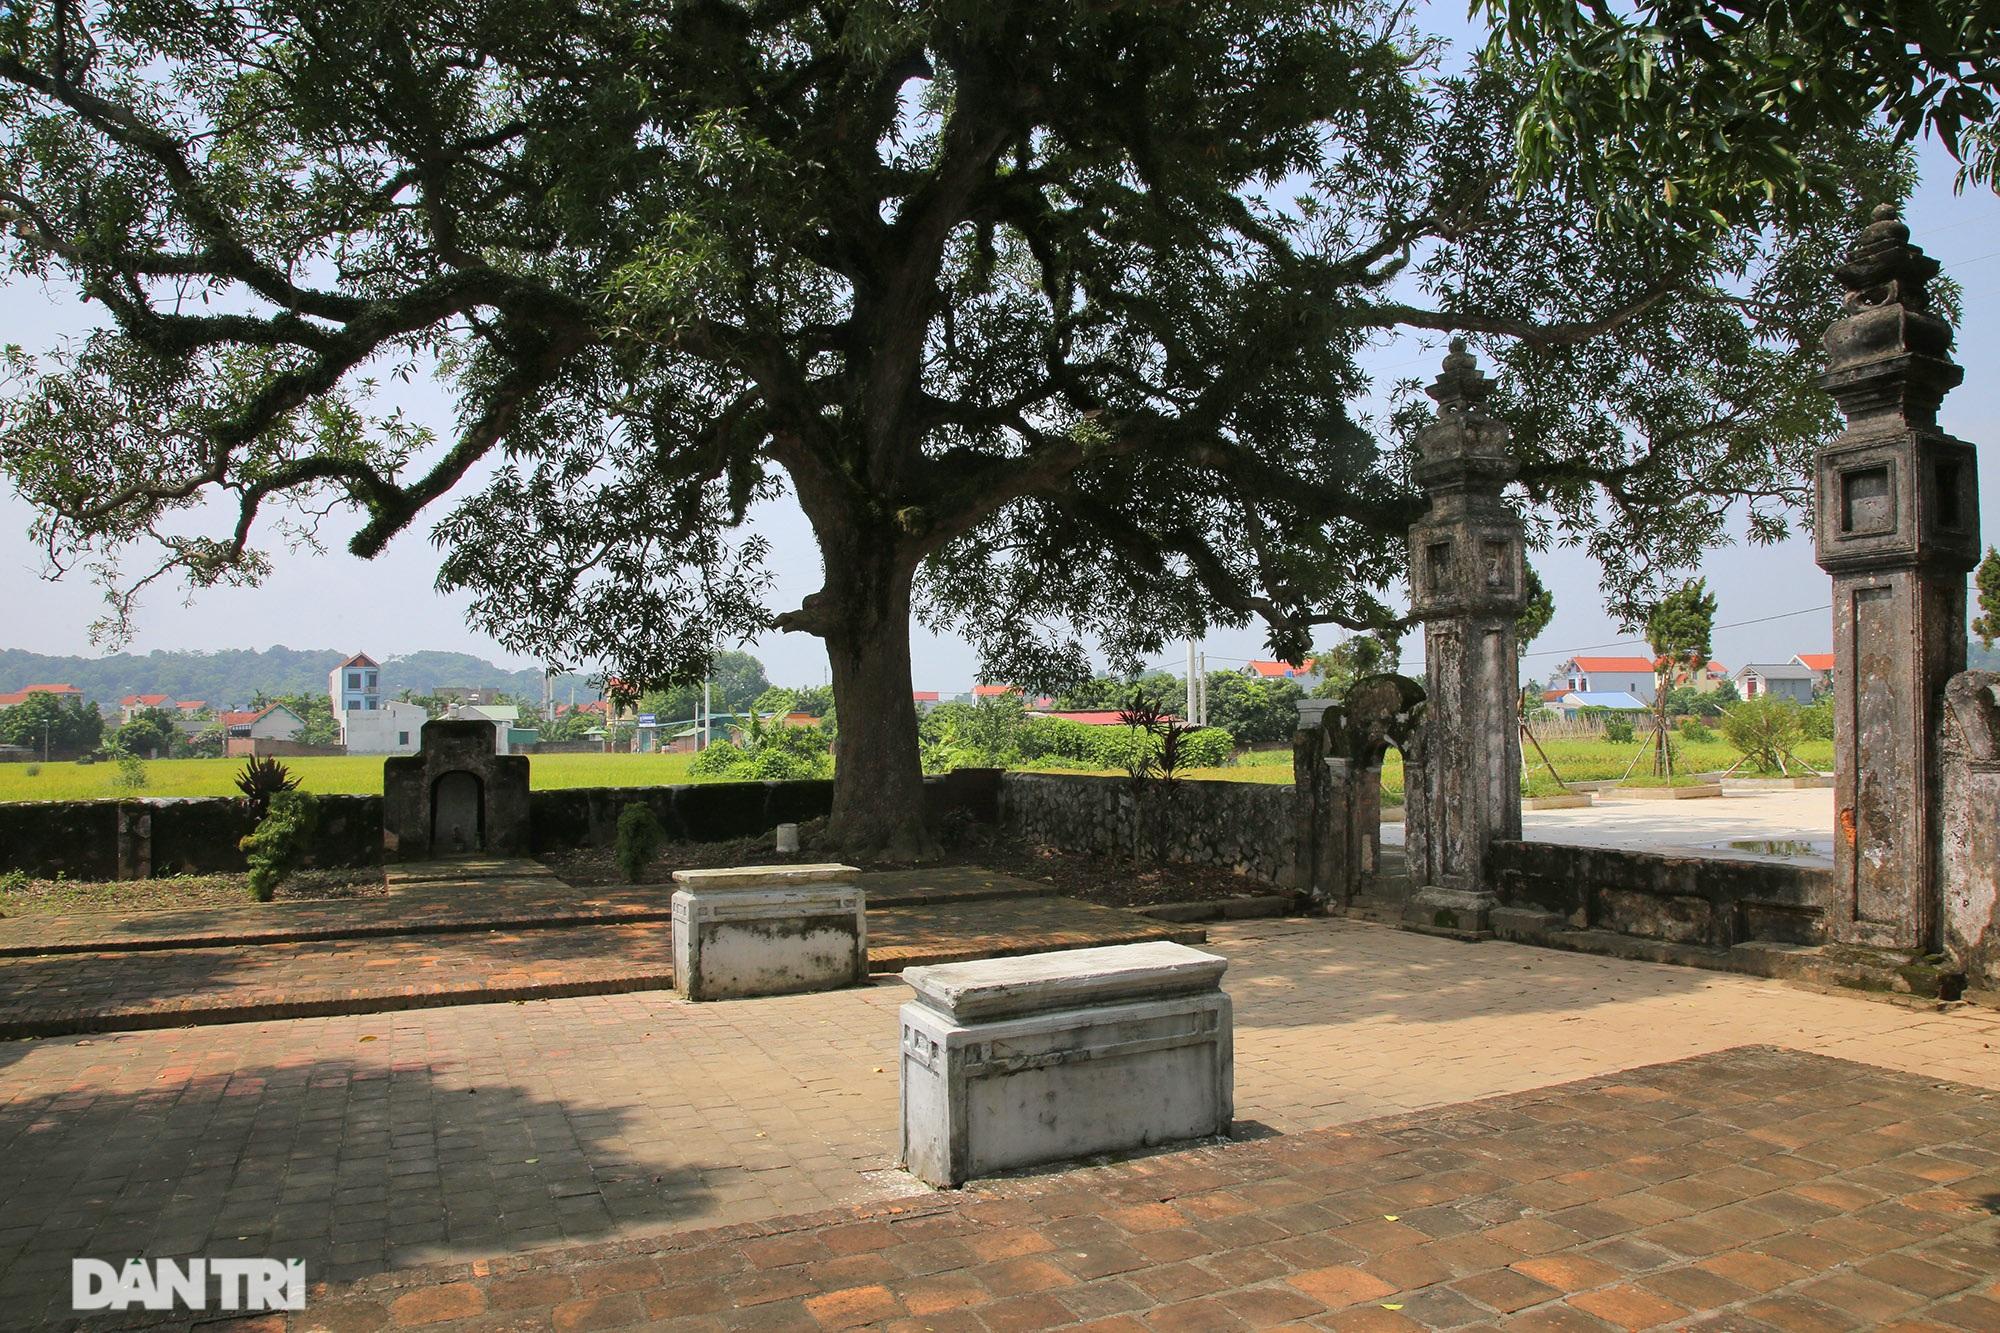 Huyền tích nghìn đời qua những ngôi quán cổ ở Hà Nội - 13